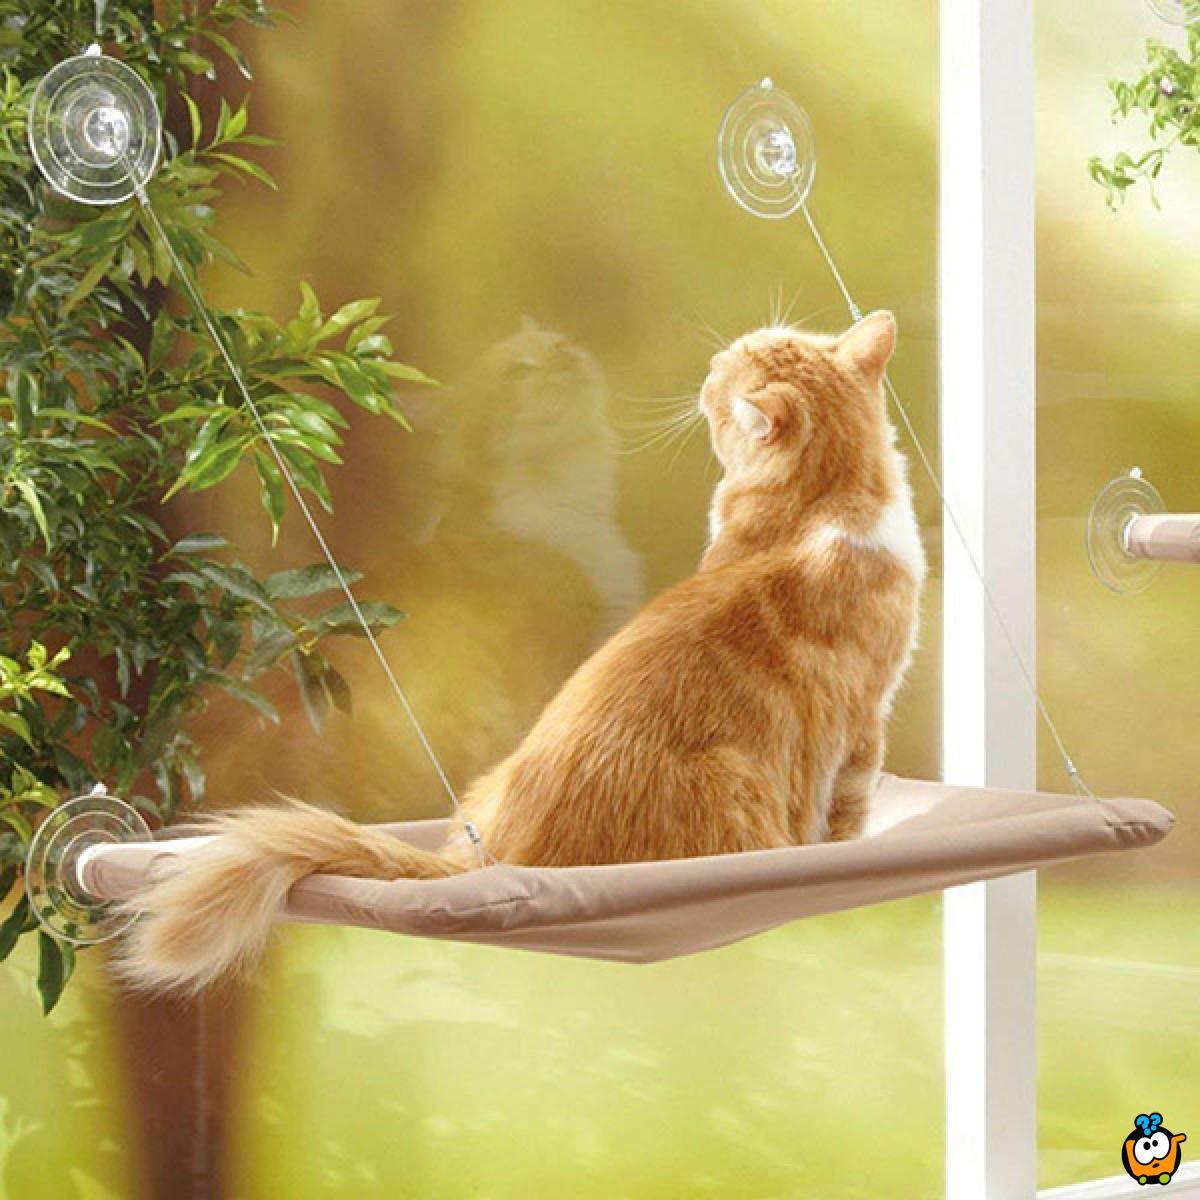 Ležaljka za mace koja se kači na prozor